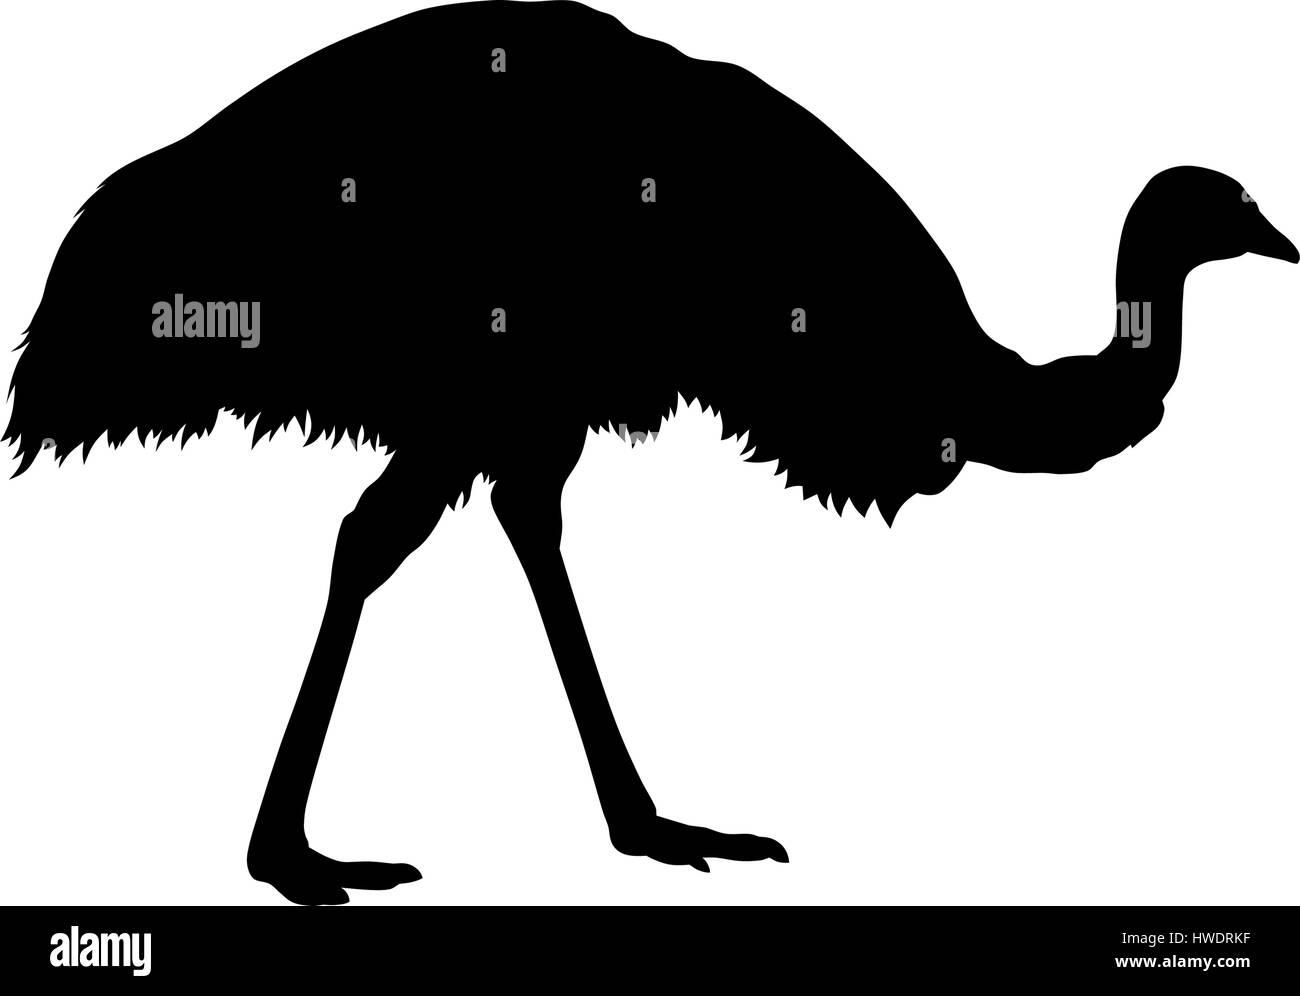 Vektor-Illustration der WWU silhouette Stockbild